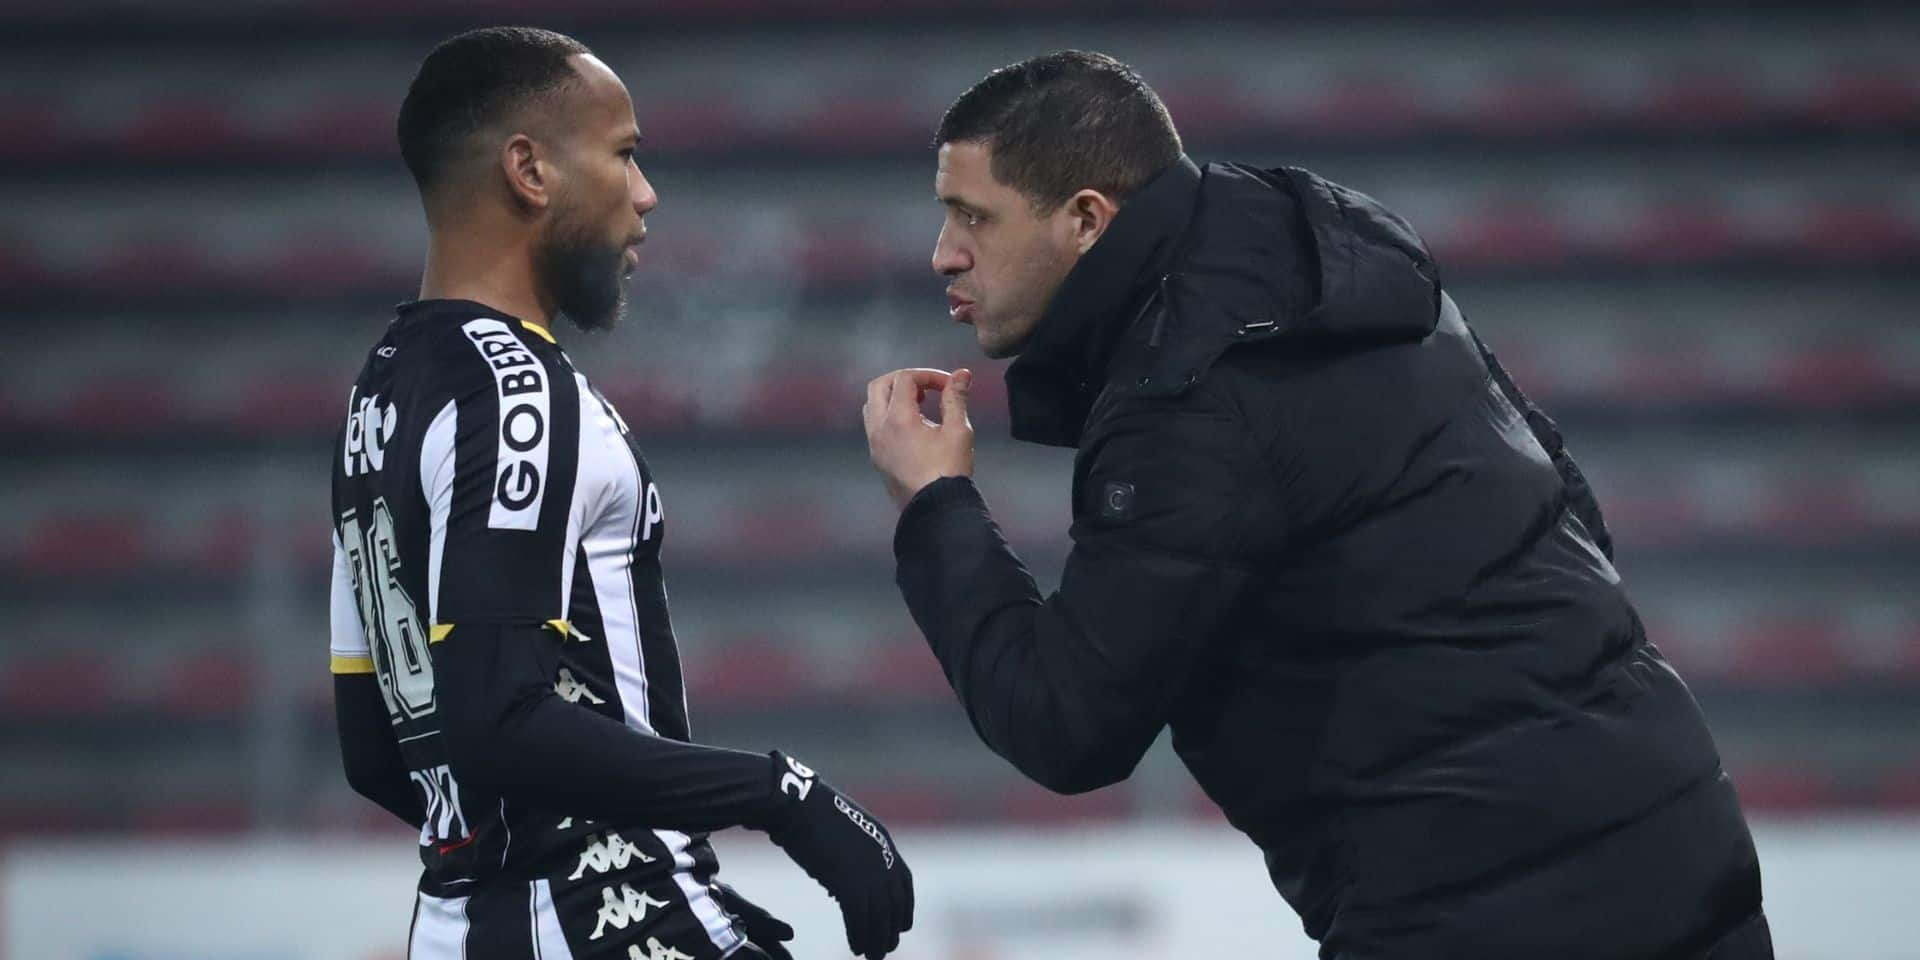 """Karim Belhocine avant Anderlecht - Charleroi : """"Continuer à mettre les bons ingrédients ensemble"""""""